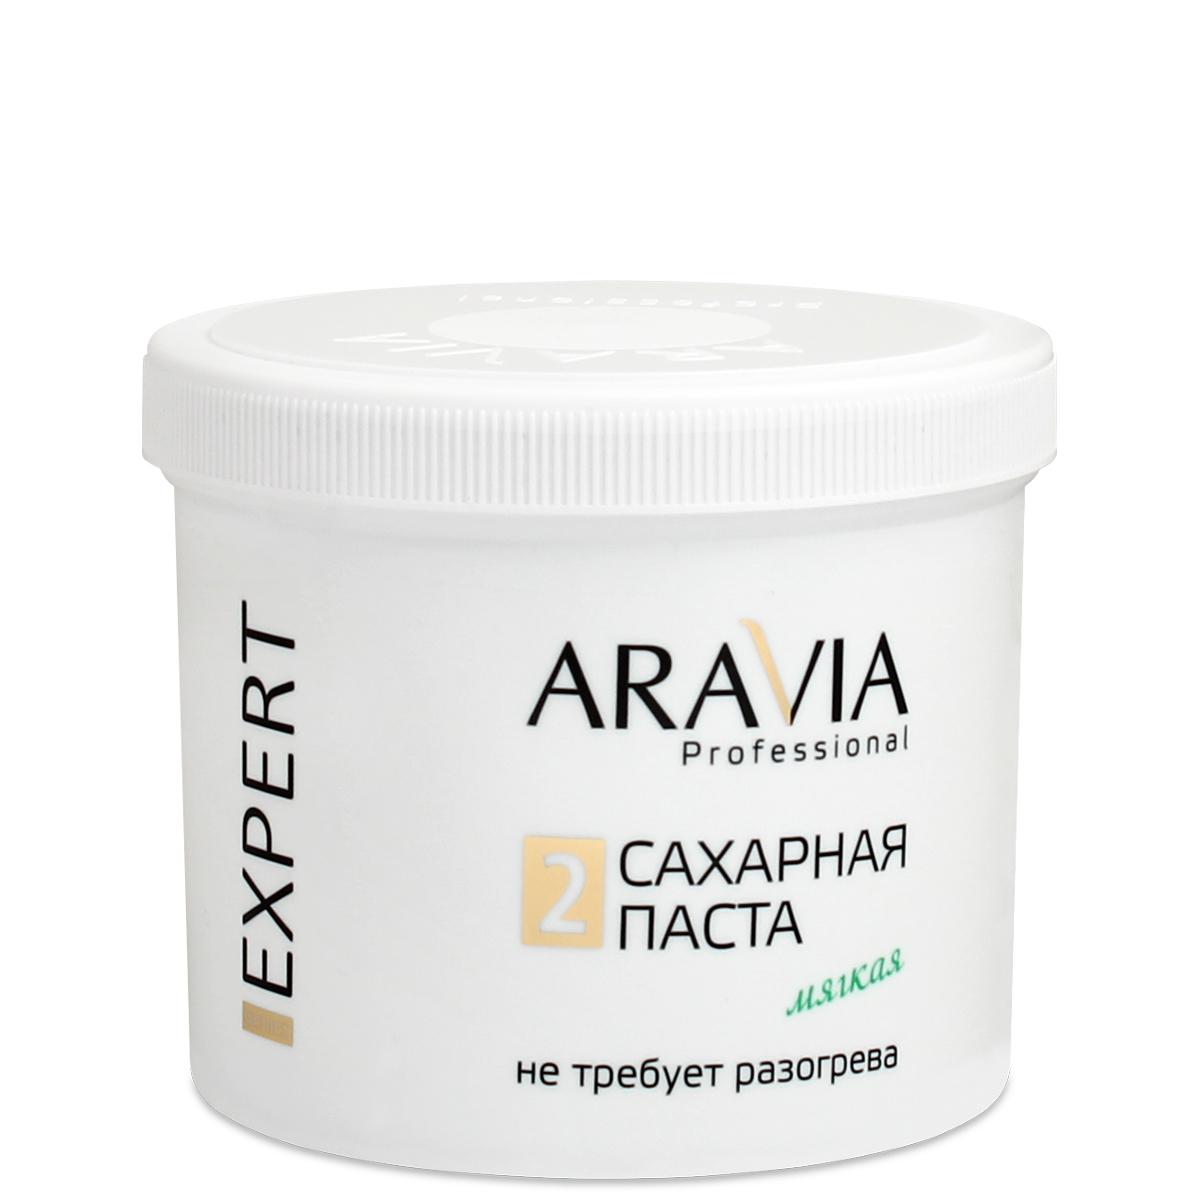 ARAVIA Паста сахарная для депиляции Мягкая / EXPERT 750грСахарные пасты<br>Пластичная, мягкая и невероятно удобная в работе новая паста EXPERT создана специально для мастеров с большим опытом работы, владеющих скоростными методиками. Паста легко наносится, обеспечивает идеальное сцепление с волосами, не растекается и не меняет свою консистенцию во время работы, не требует разогрева и длительной подготовки к работе, позволяя решать задачи любой сложности. Результат: 100% чистое удаление нежелательных волос с кожи, без раздражения. Назначение: для всех типов волос и кожи. Зоны депиляции: бикини, бёдра, голени, руки, спина. Рабочая температура продукта: комнатная. Техника депиляции: мануальная, шпательная, смешанная. Расход: от 15 процедур. Активные ингредиенты: глюкоза, фруктоза, вода. Способ применения: - на всех этапах для получения выраженного эффекта рекомендуется использовать средства ухода Aravia Professional обезжирить кожу с помощью лосьона или геля. - для улучшения сцепления с волосом нанести тальк. - взять небольшое количество пасты. - провести процедуру депиляции. - снять остатки пасты косметической минерализованной водой. Завершить процедуру средствами для ухода за кожей - нанести средство для замедления роста волос и питательные сливки. Примечание: - не требует разогрева. - предназначена для мастеров с большим опытом работы. - гипоаллергенный продукт.<br>